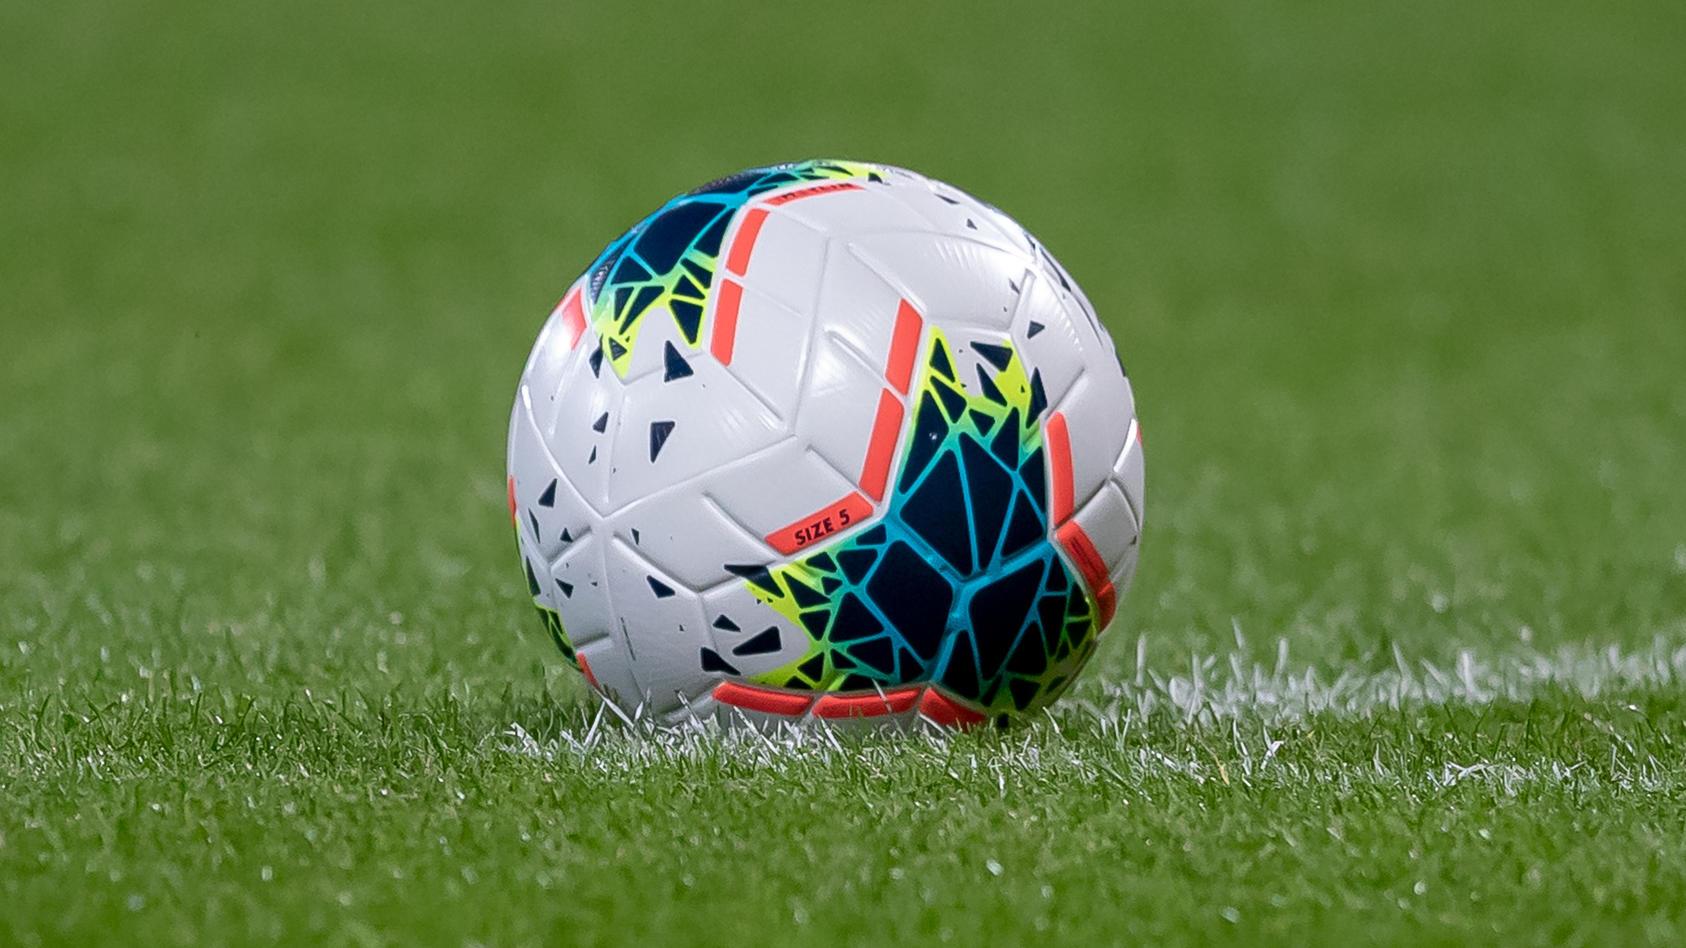 Der niederländische Fußball führt ein Novum ein: zum ersten Mal darf eine Frau in einer Männermannschaft kicken.